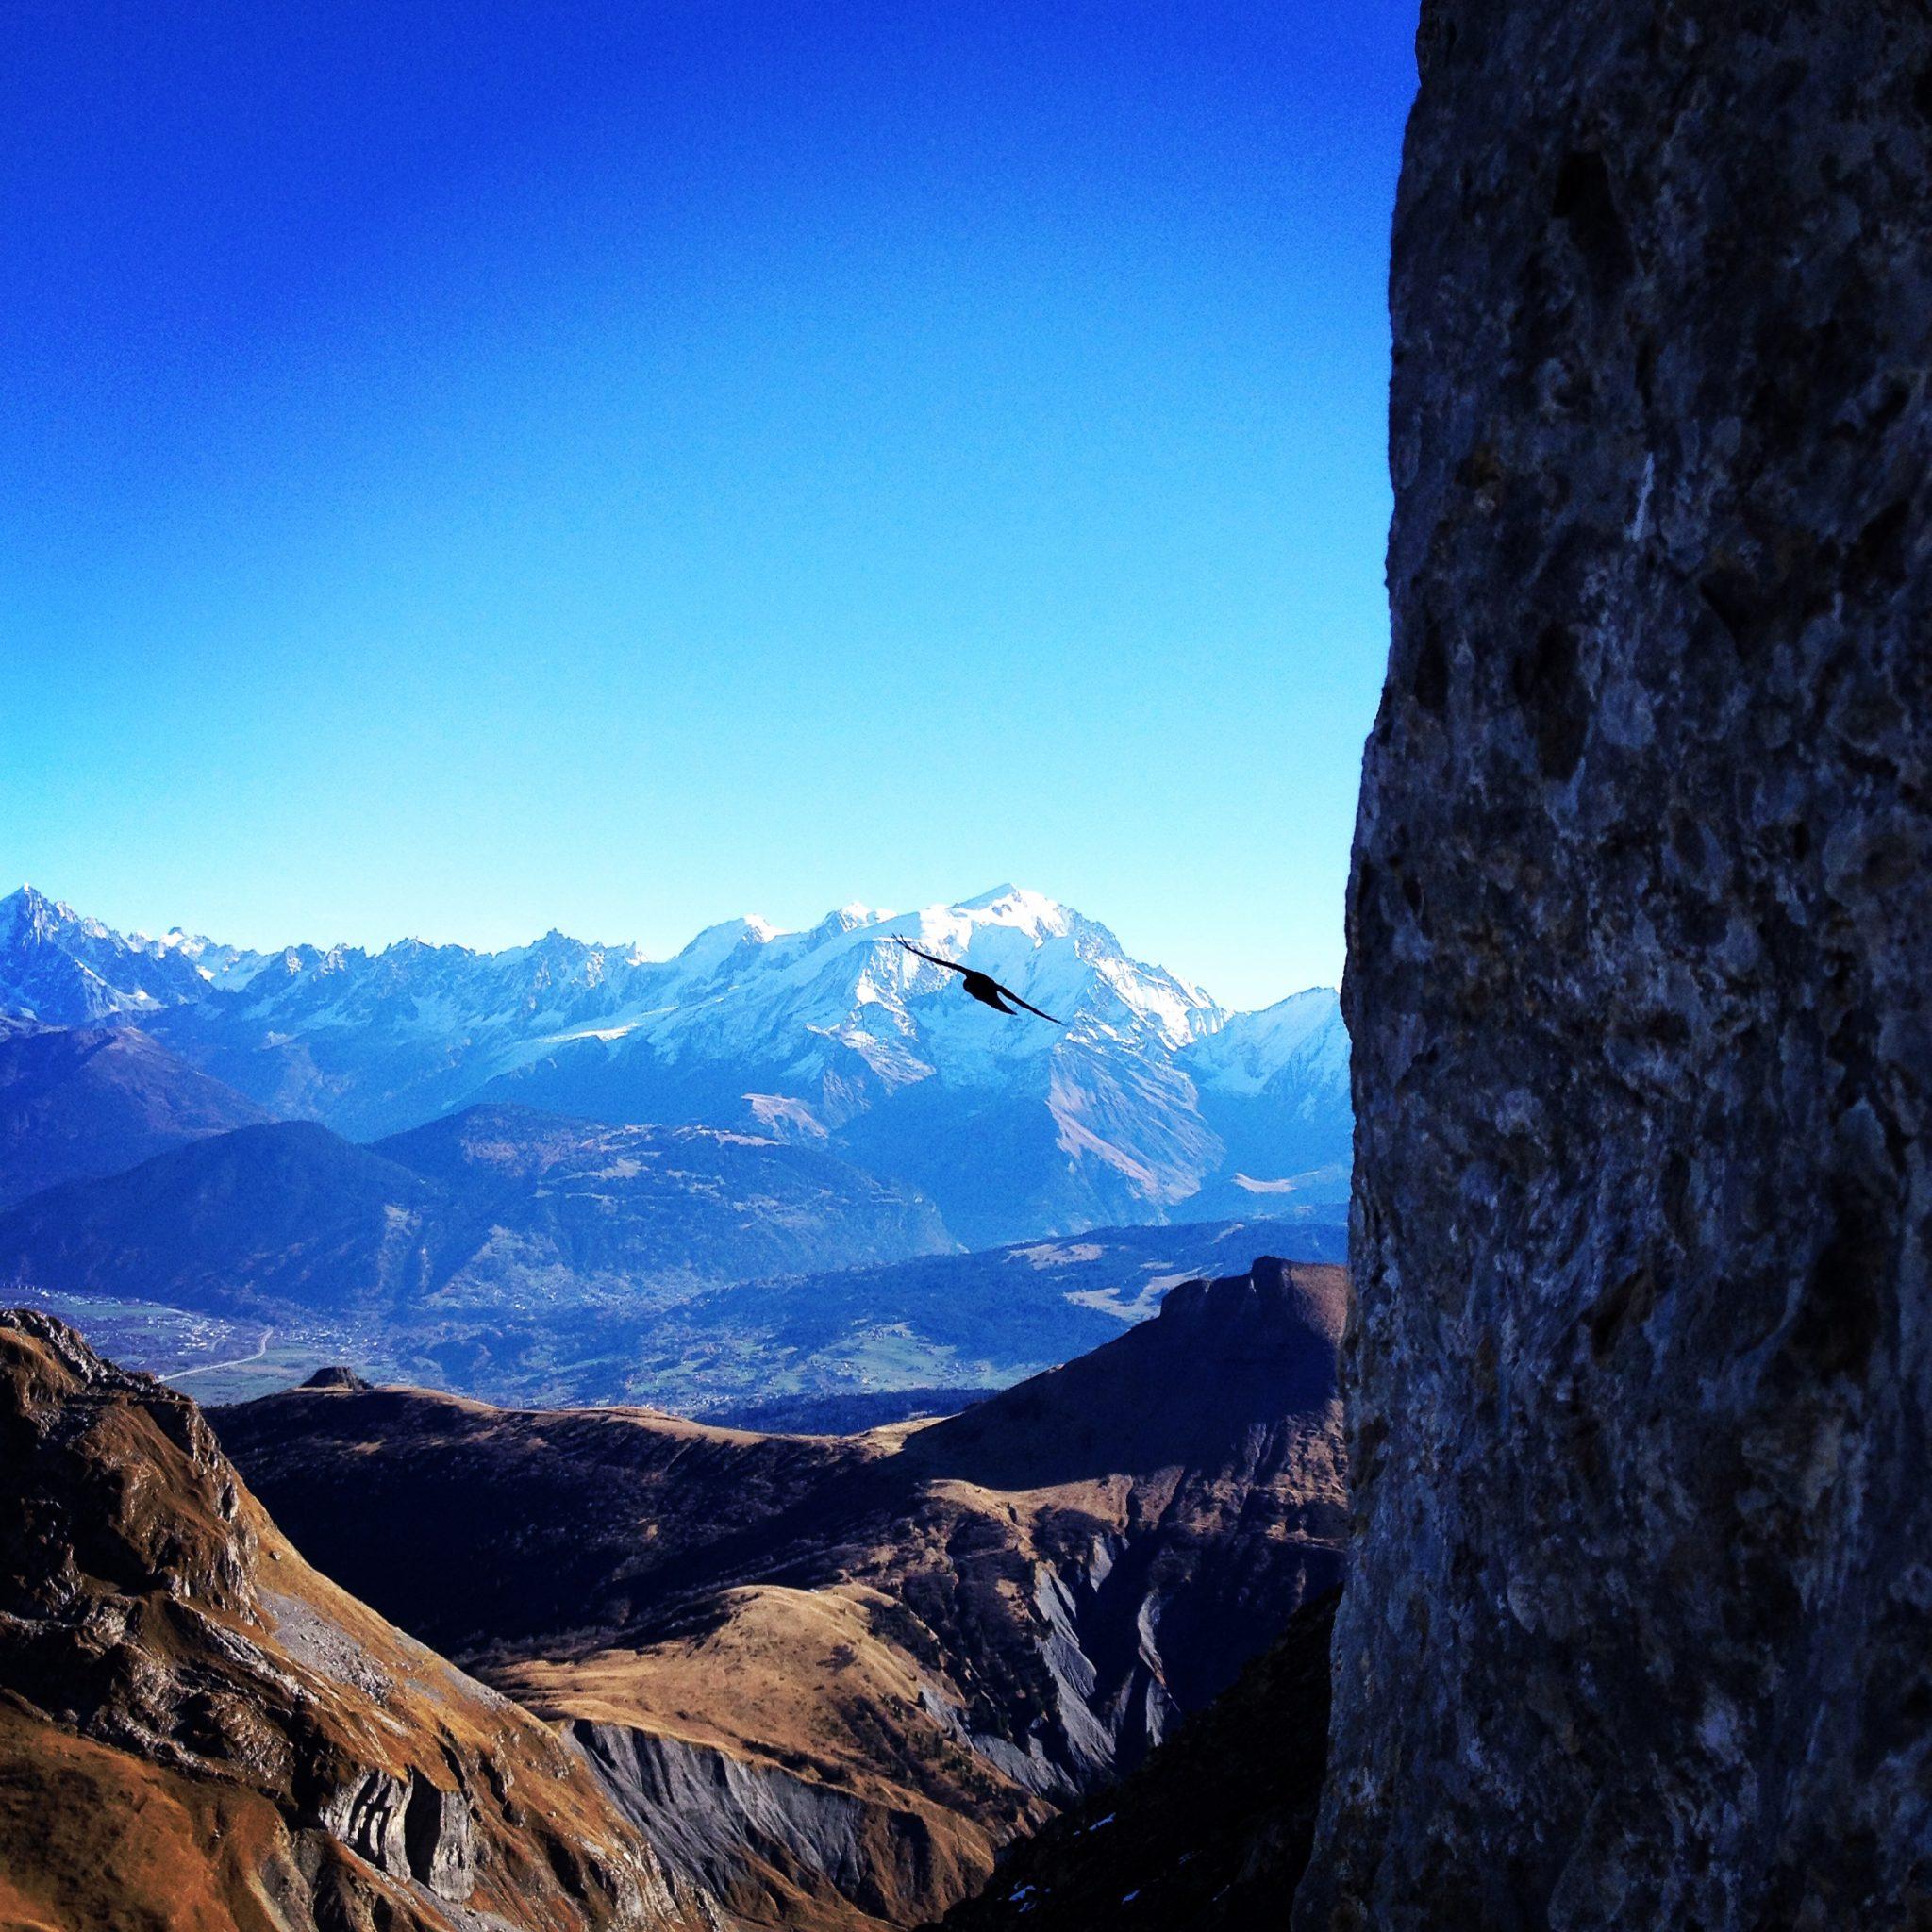 choucas-mont-blanc-trou-mouche-aravis-la-clusaz-montagne-randonnée